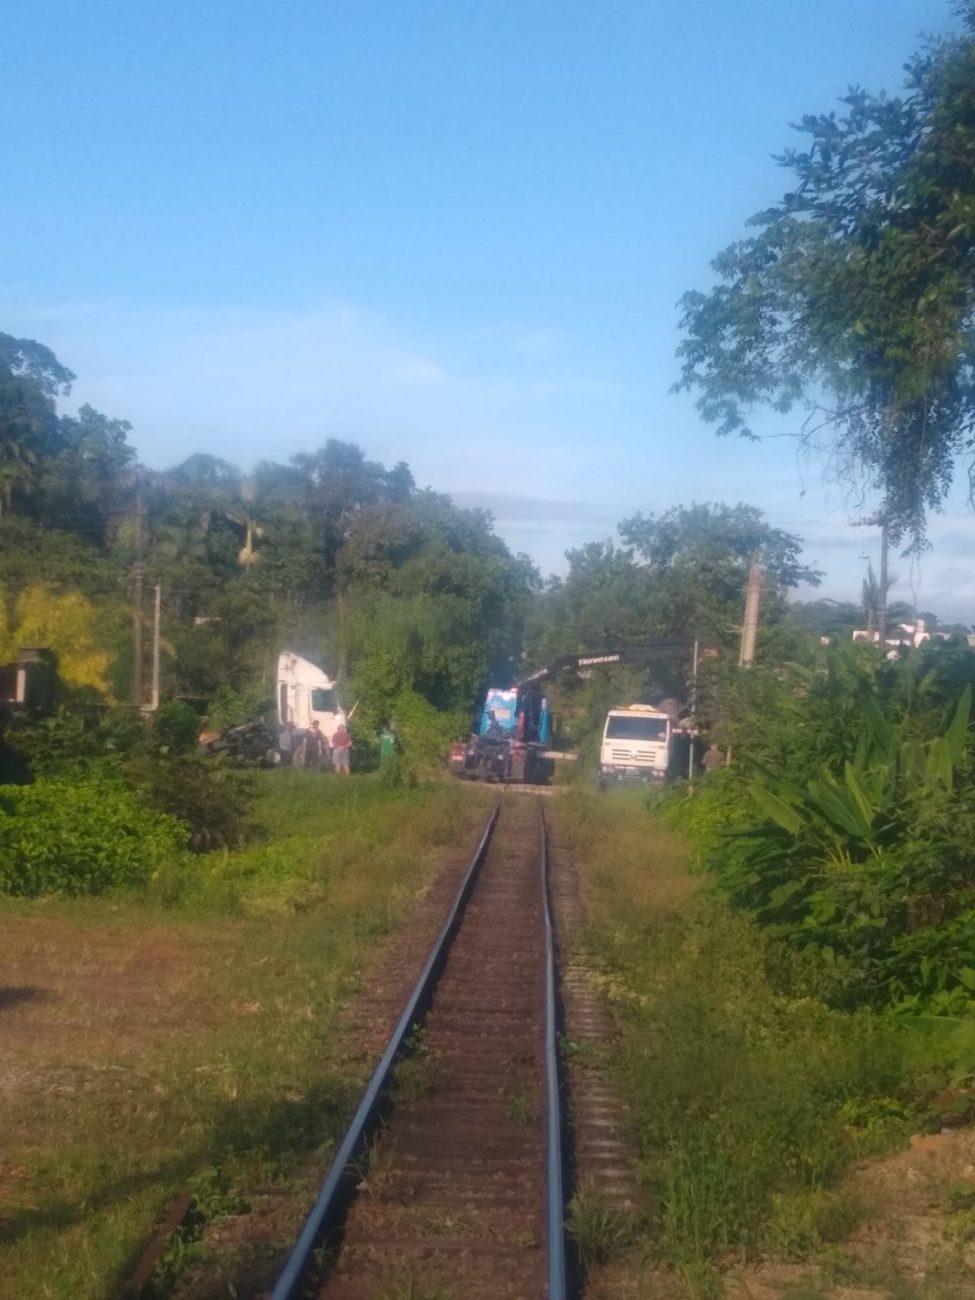 Acidente mobilizou vários guinchos para a remoção dos veículos - Maicon Oliveira/Facebook/ND